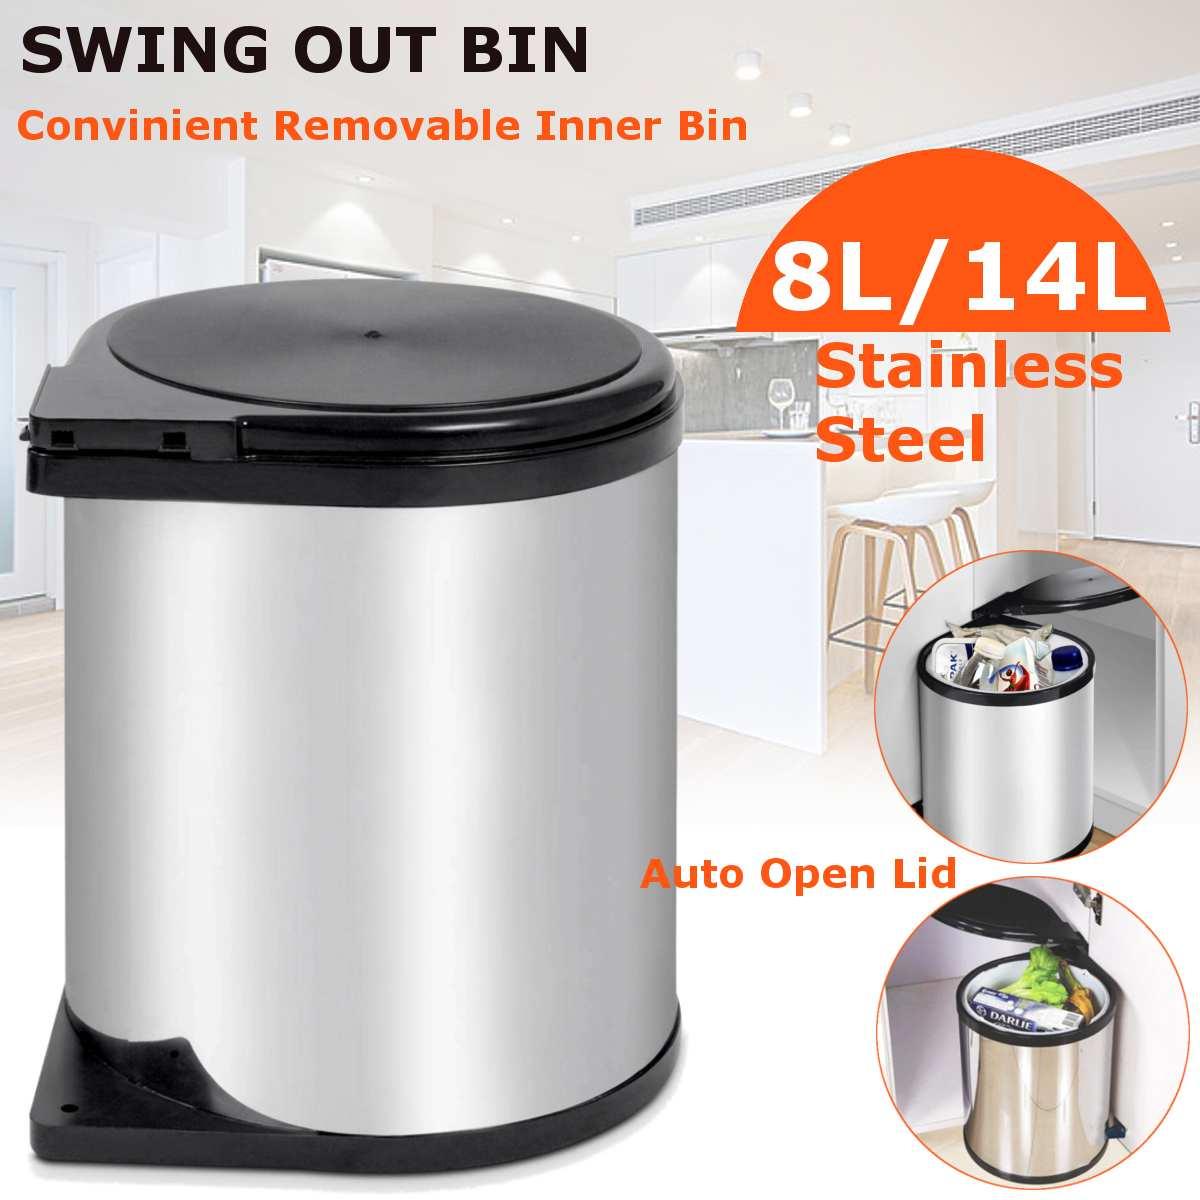 8L/14L armoire en acier inoxydable Auto balançoire poubelle rotation poubelle recycler Auto poubelles cuisine poubelle